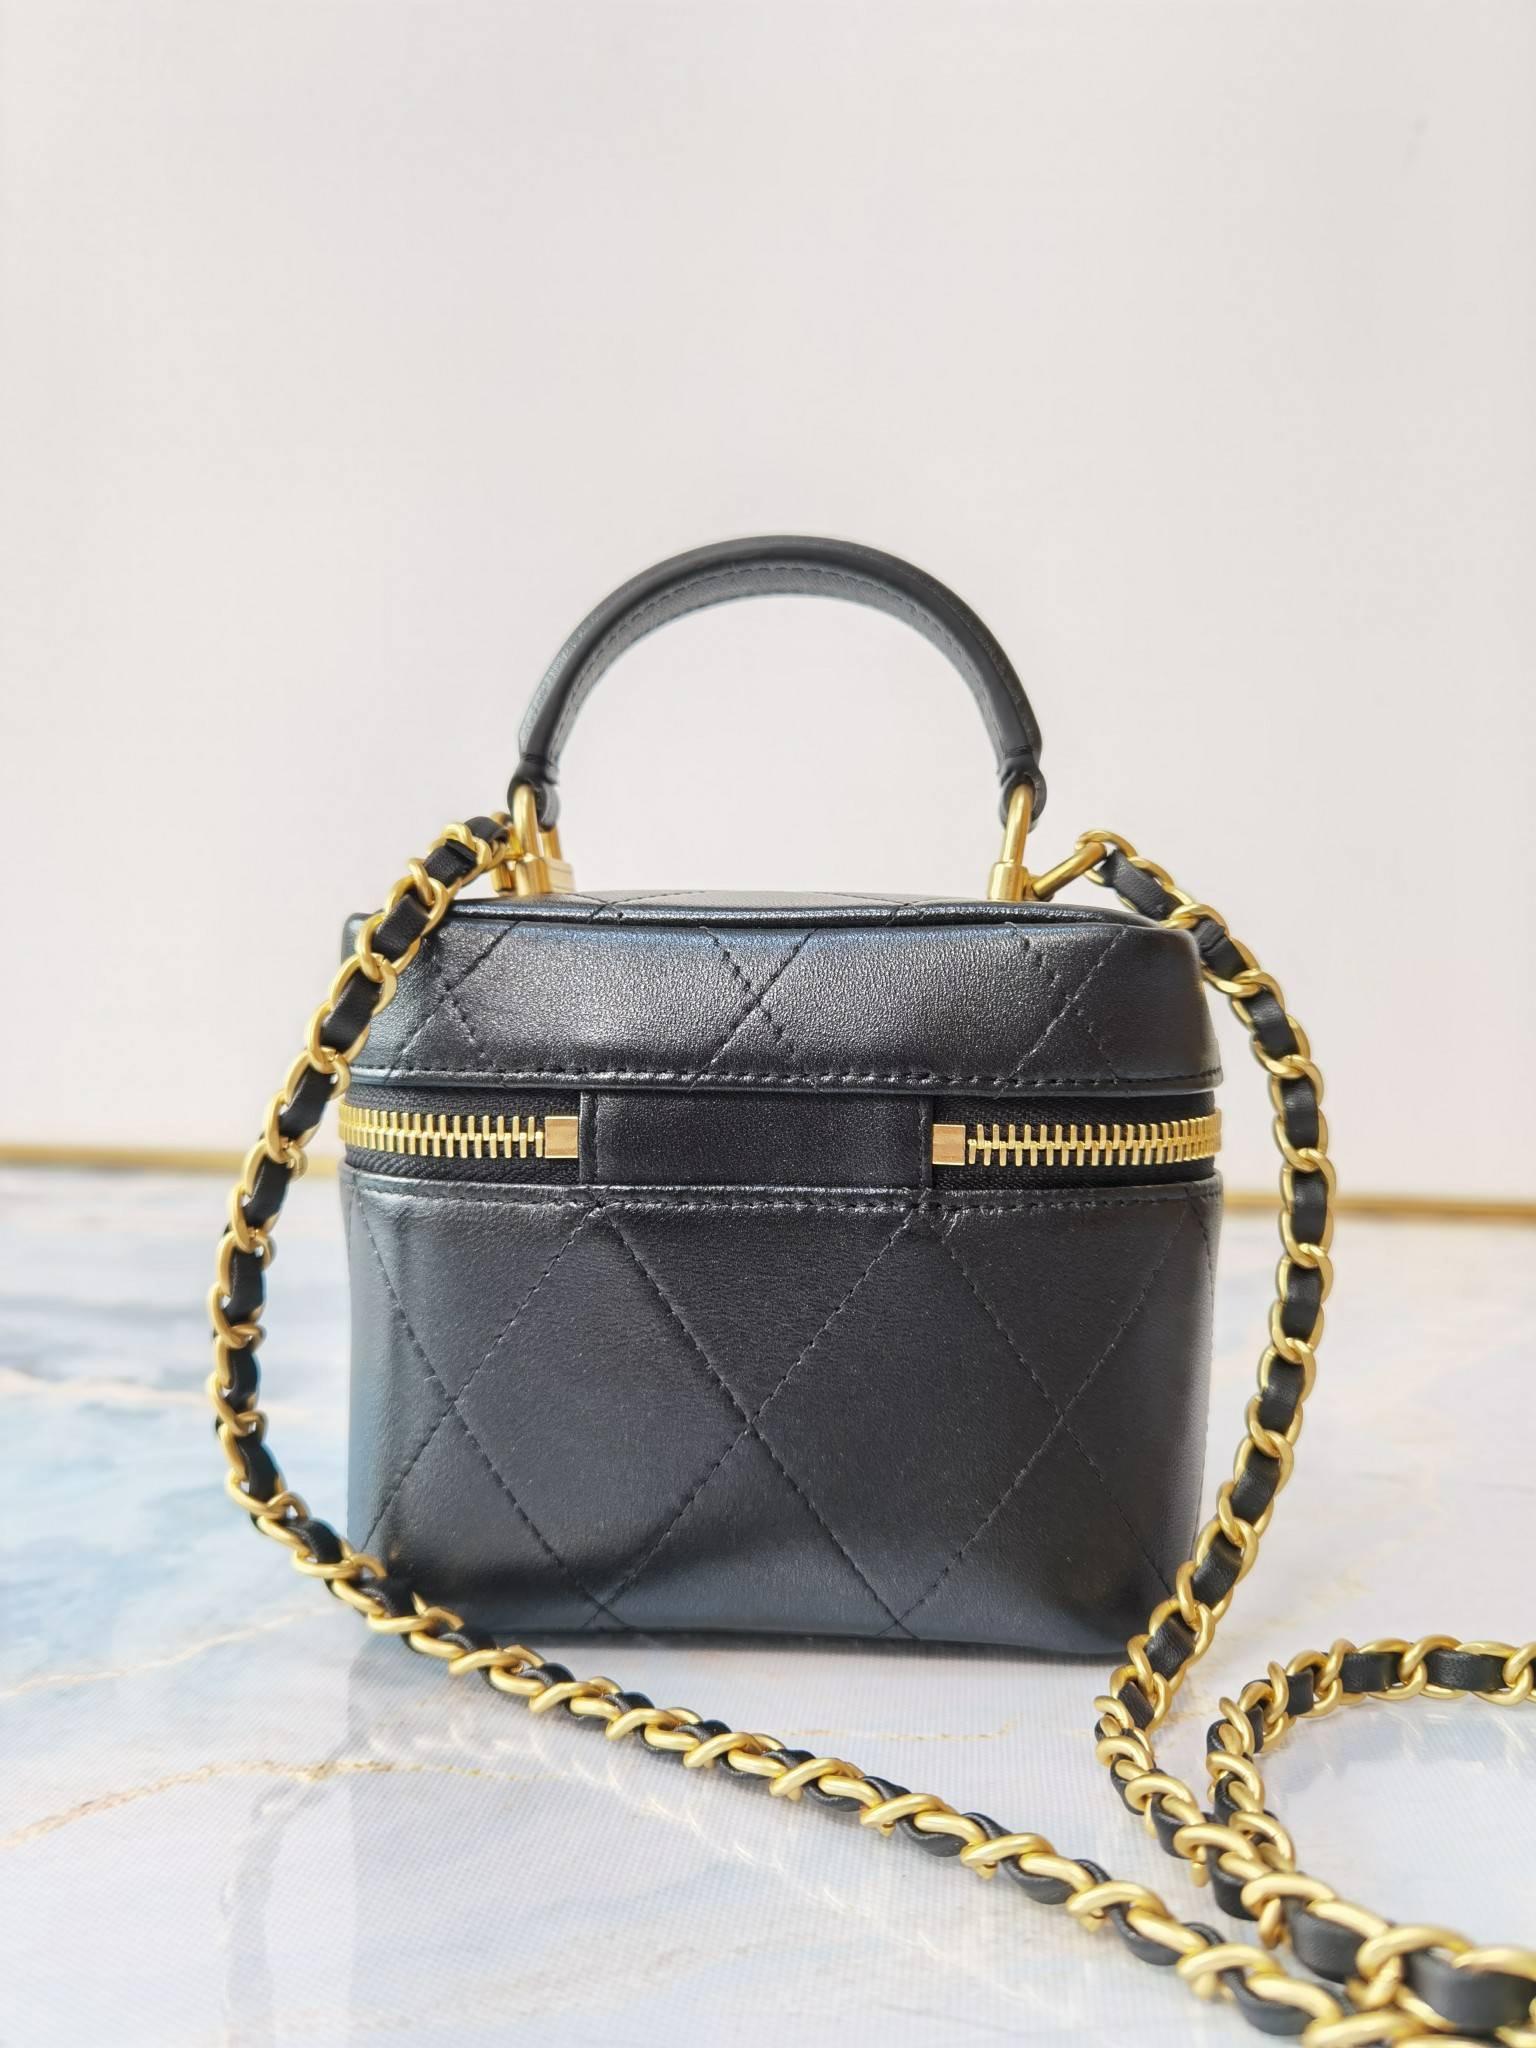 العلامة التجارية حقائب كتف المرأة الدنيم جودة سلسلة معدنية سميكة المحافظ bolsos حقيبة يد المرأة حقائب يد السيدات حقيبة مستحضرات تجميل